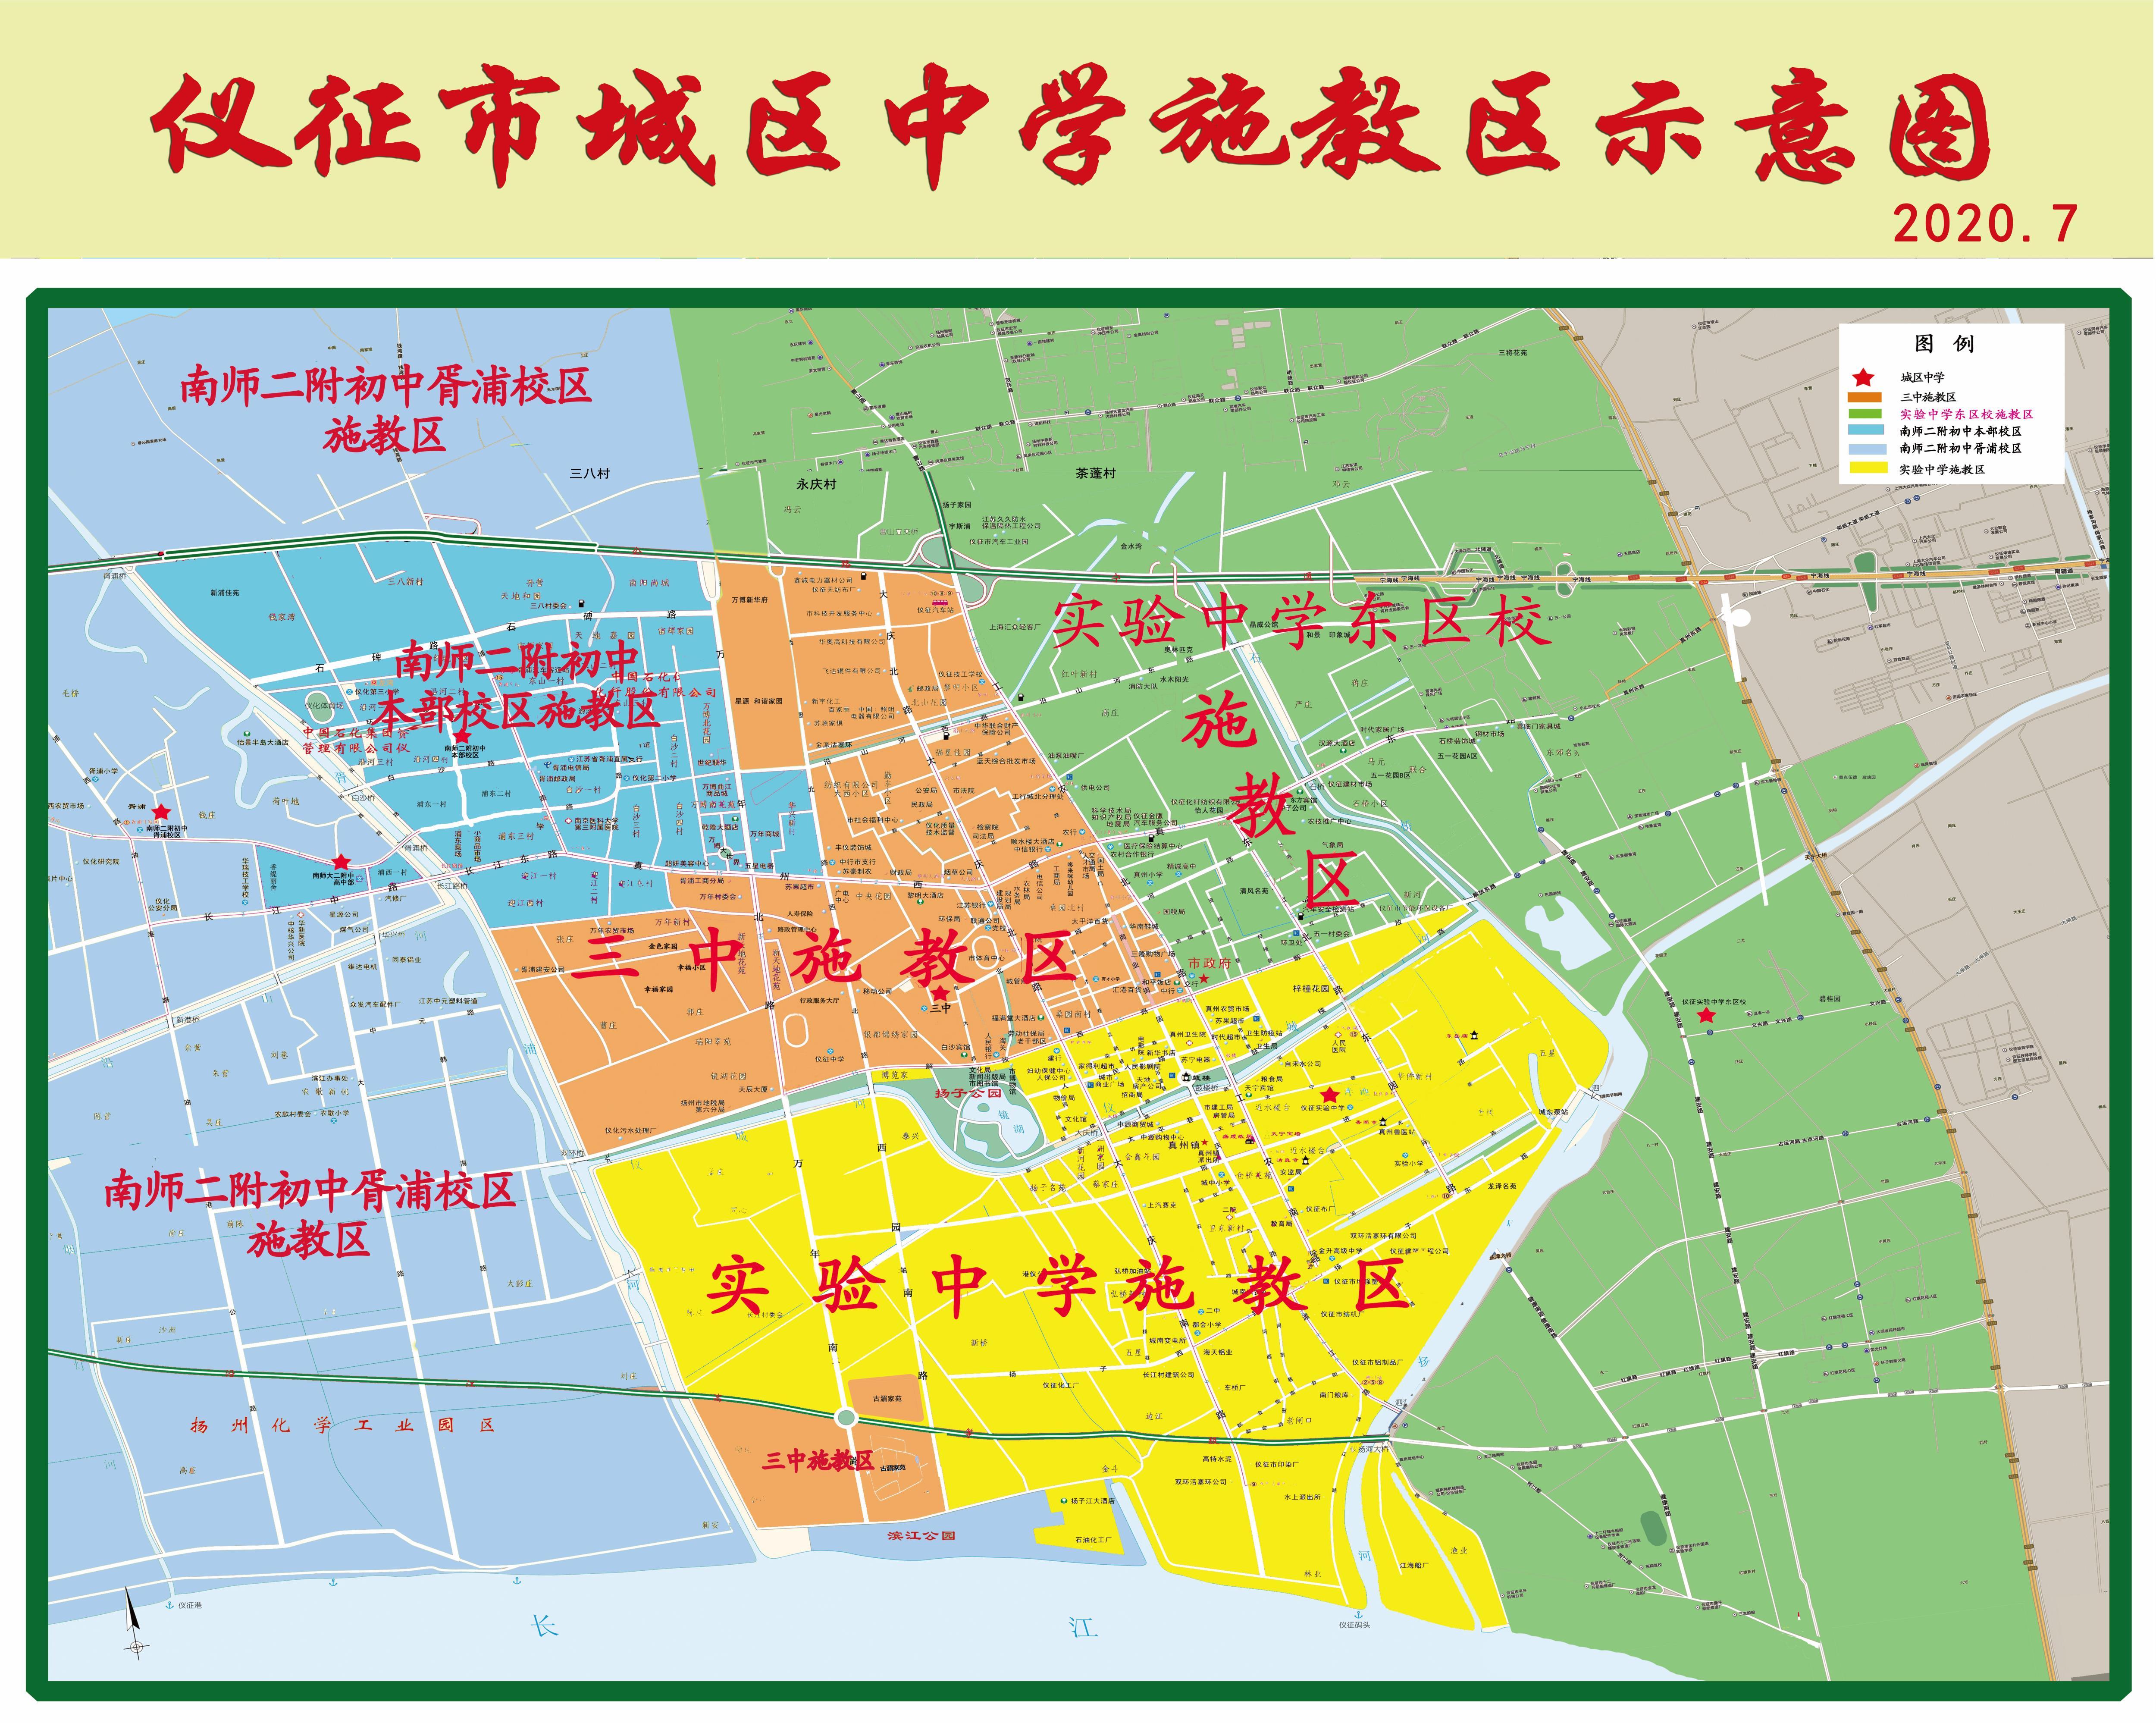 江苏省仪征市城区中学施教区示意图 2020年 初中学区